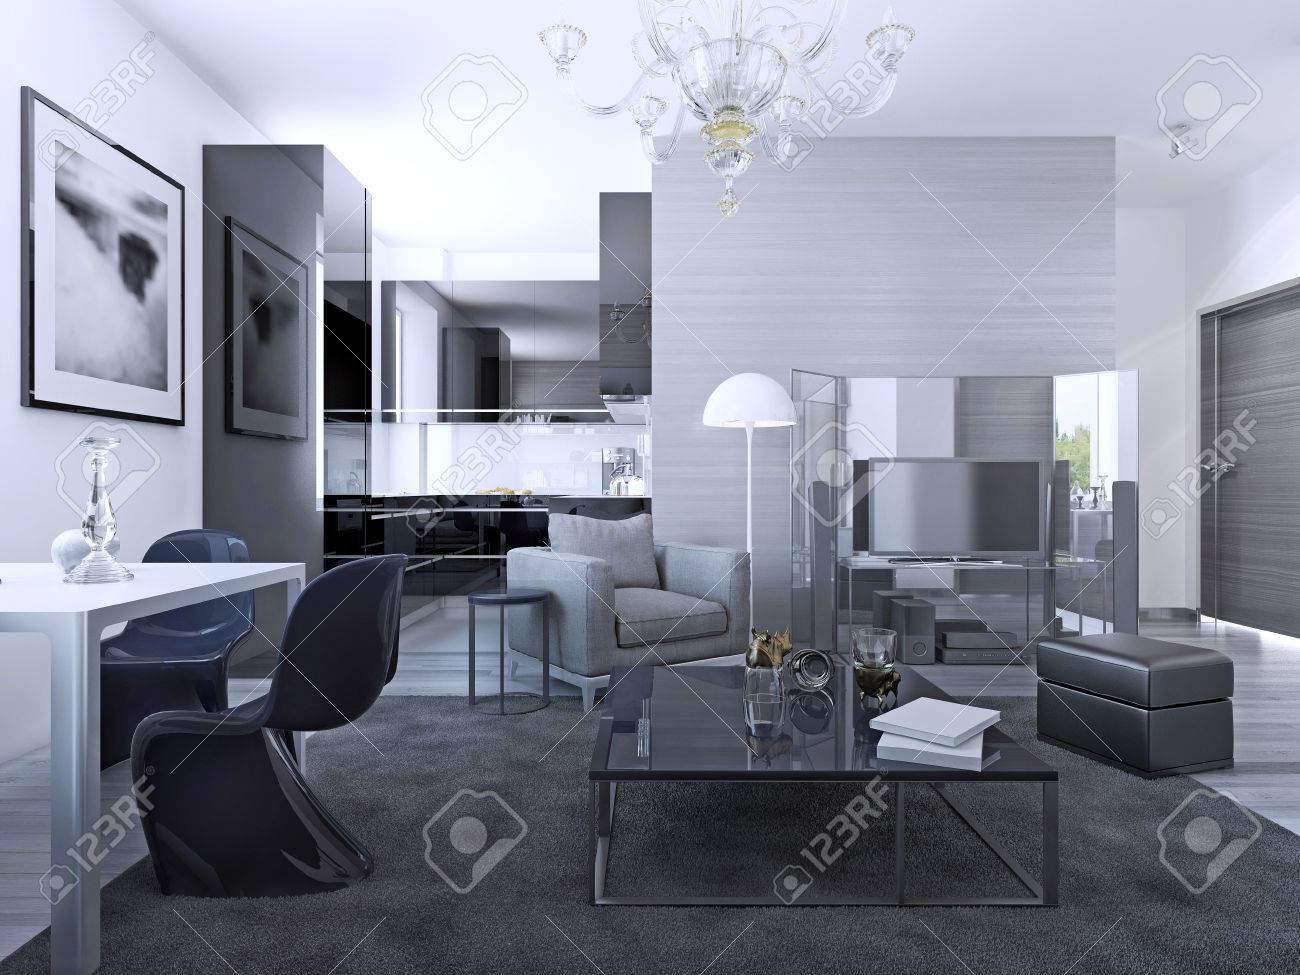 contemporain salon studio murs gris clair mobilier cuisine elegante de fond 3d render